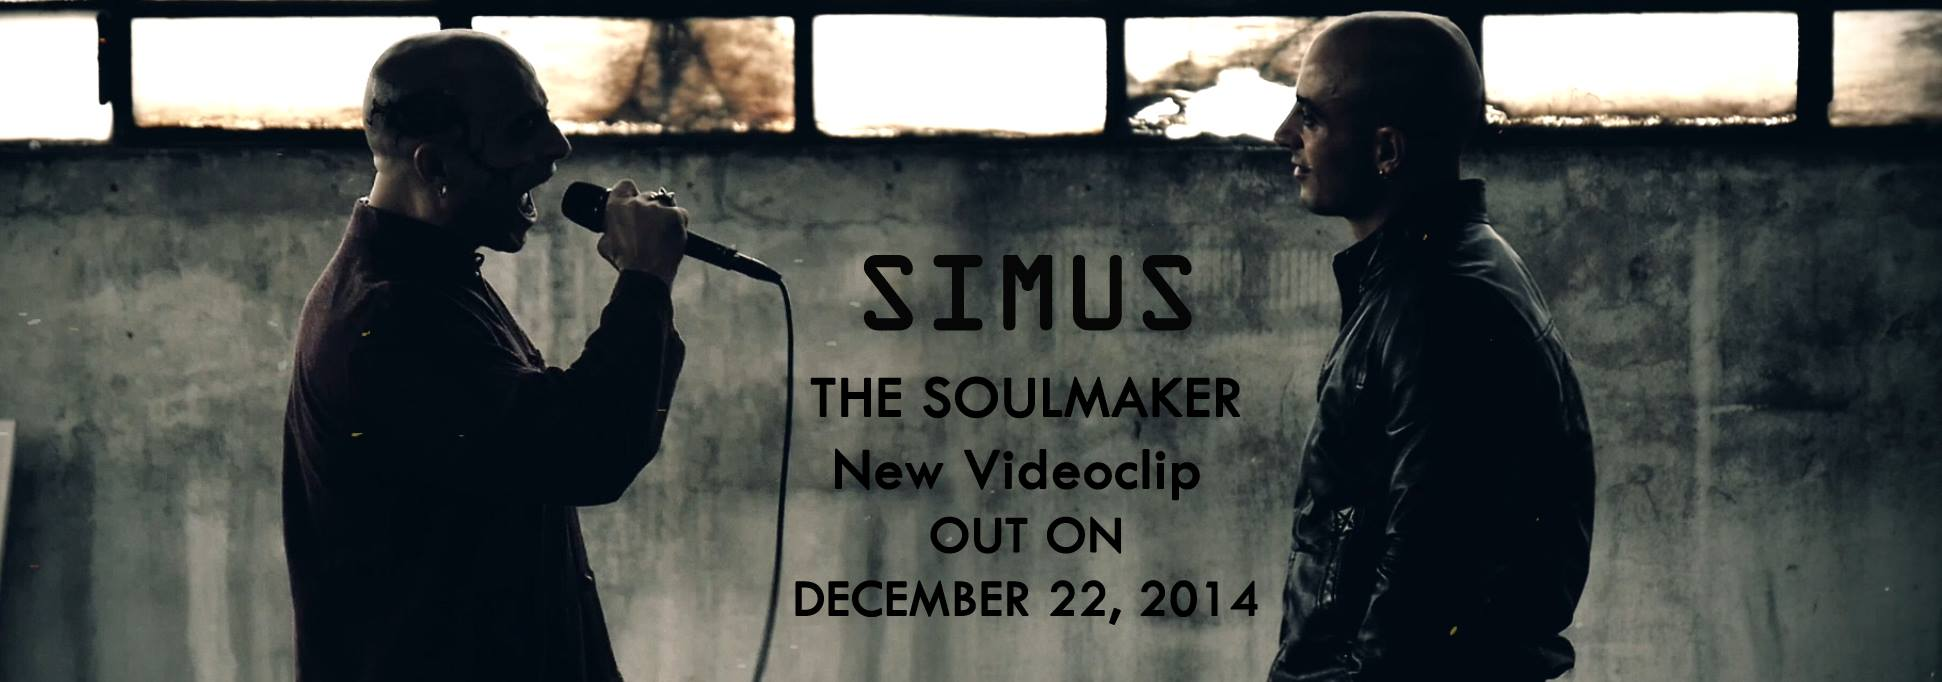 simus soulmaker